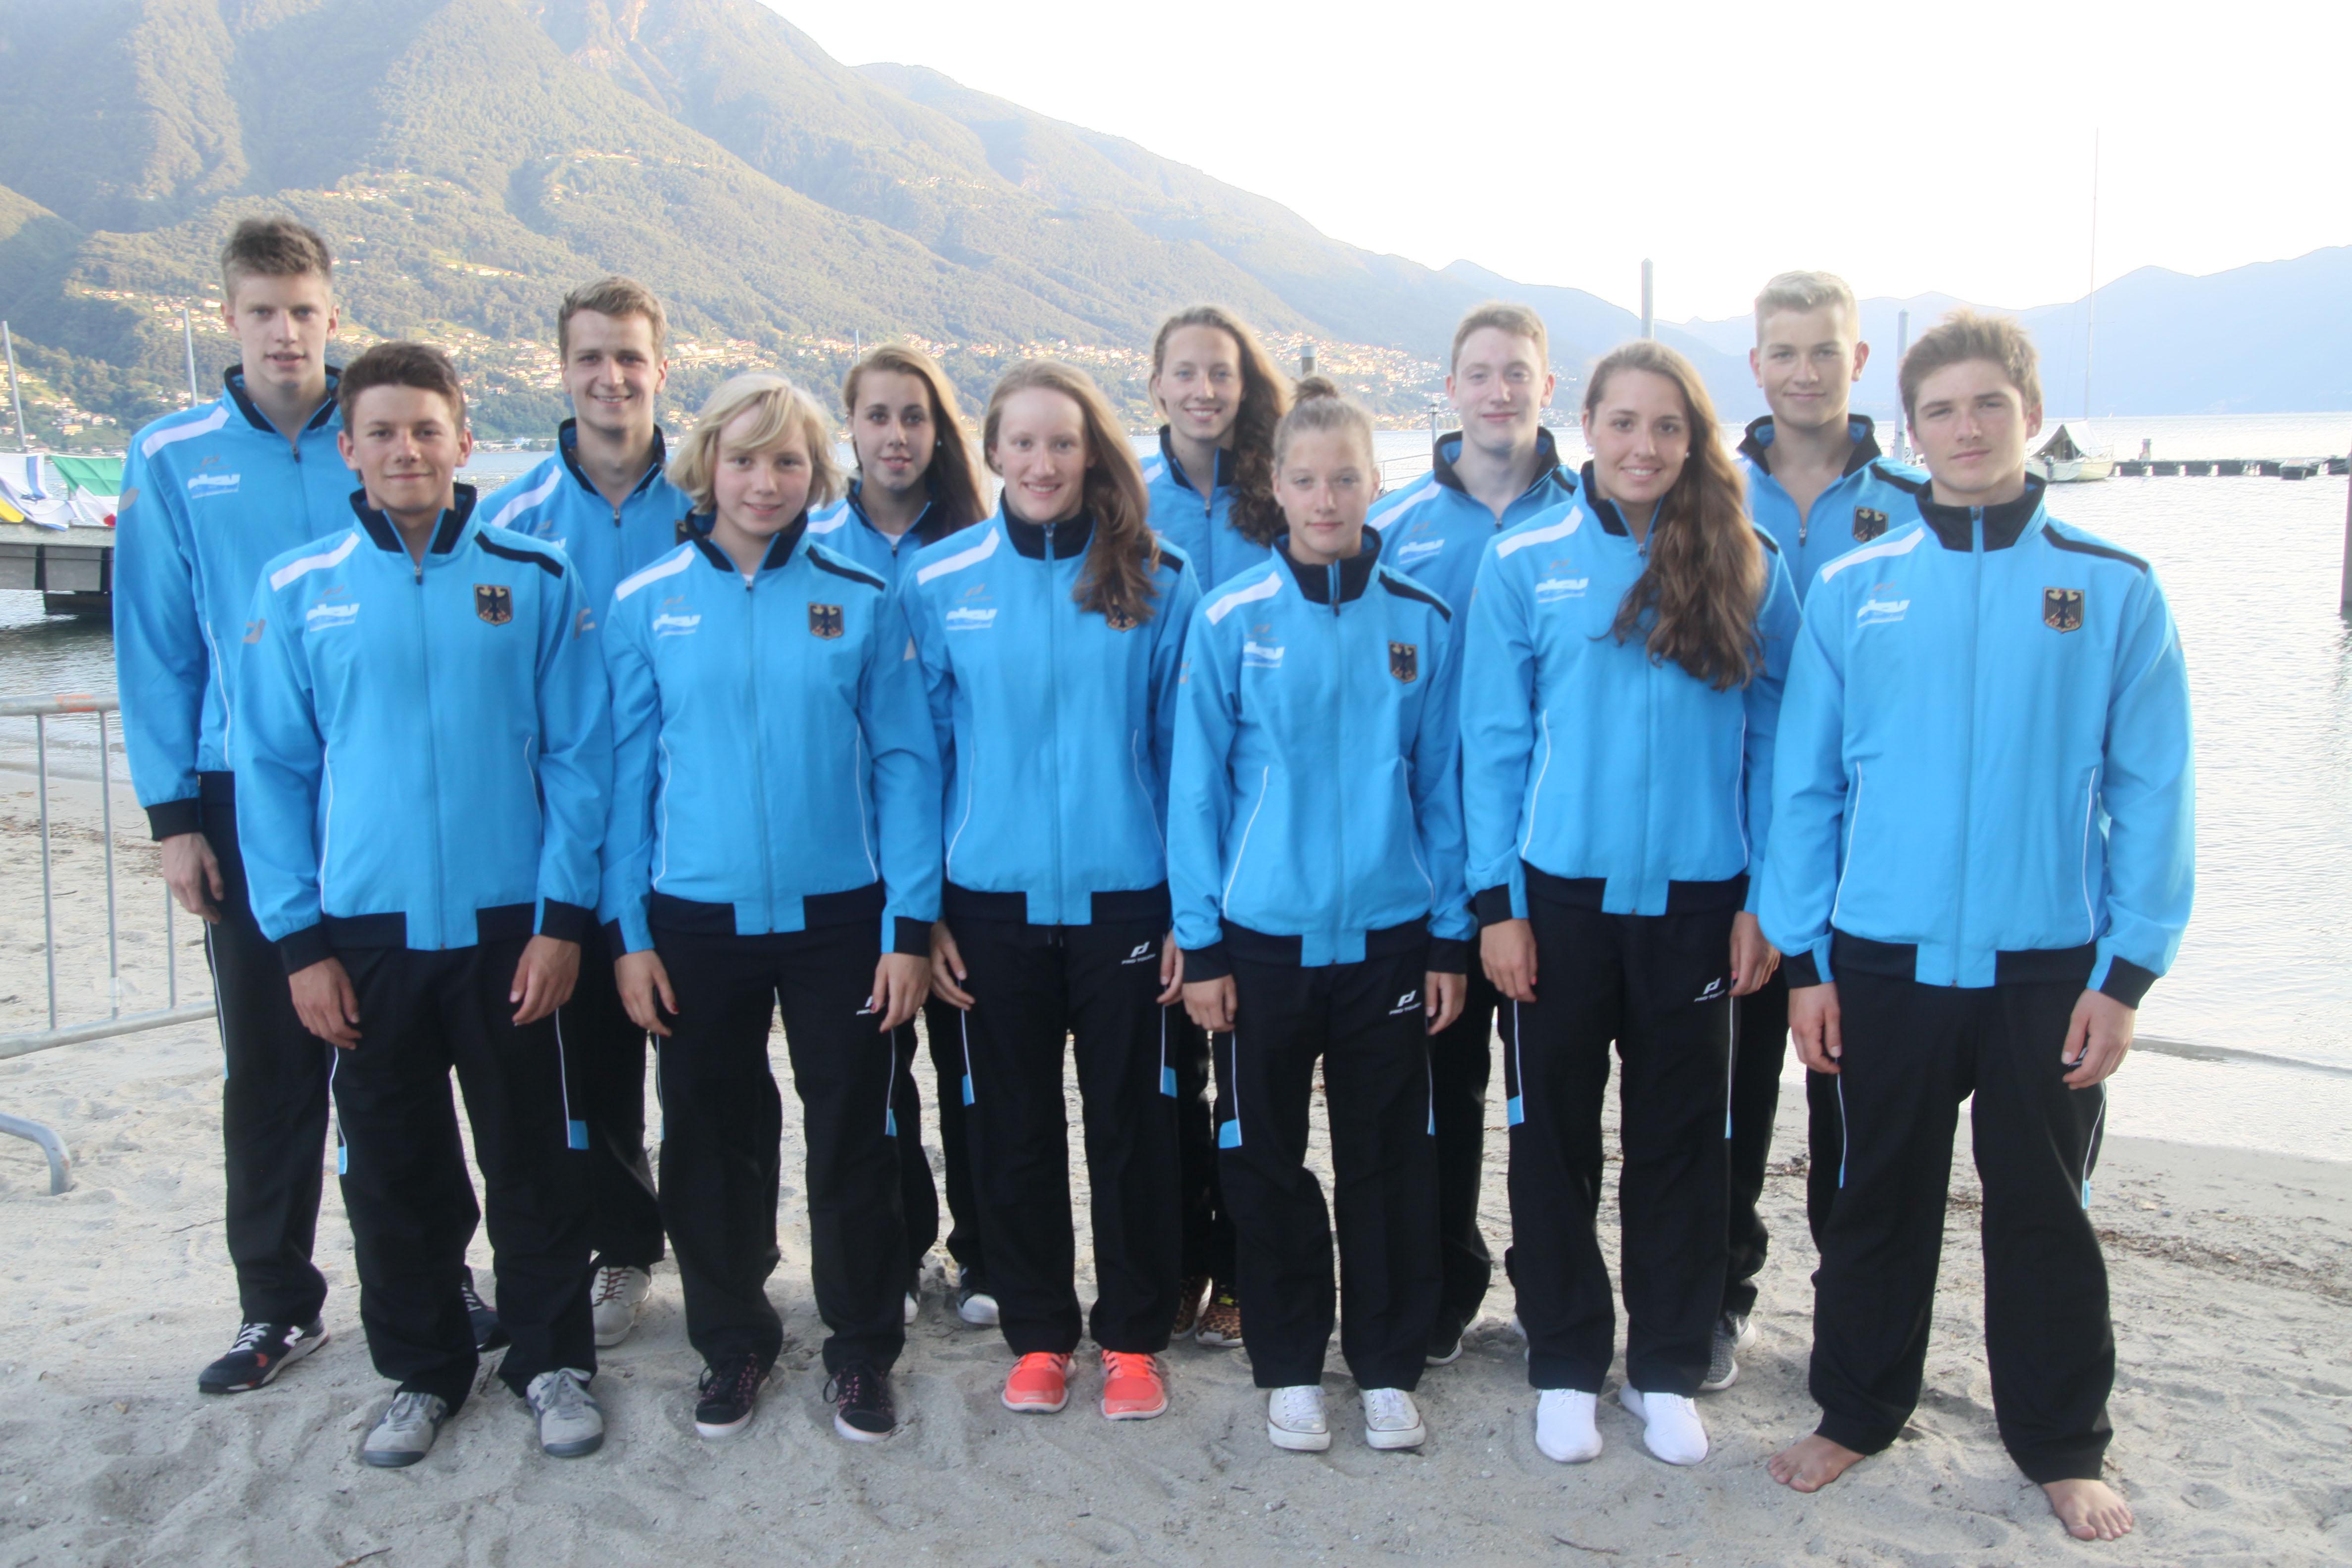 Freiwasser-Nationalmannschaft bei der Jugendeuropameiterschaft in Tenero/Schweiz